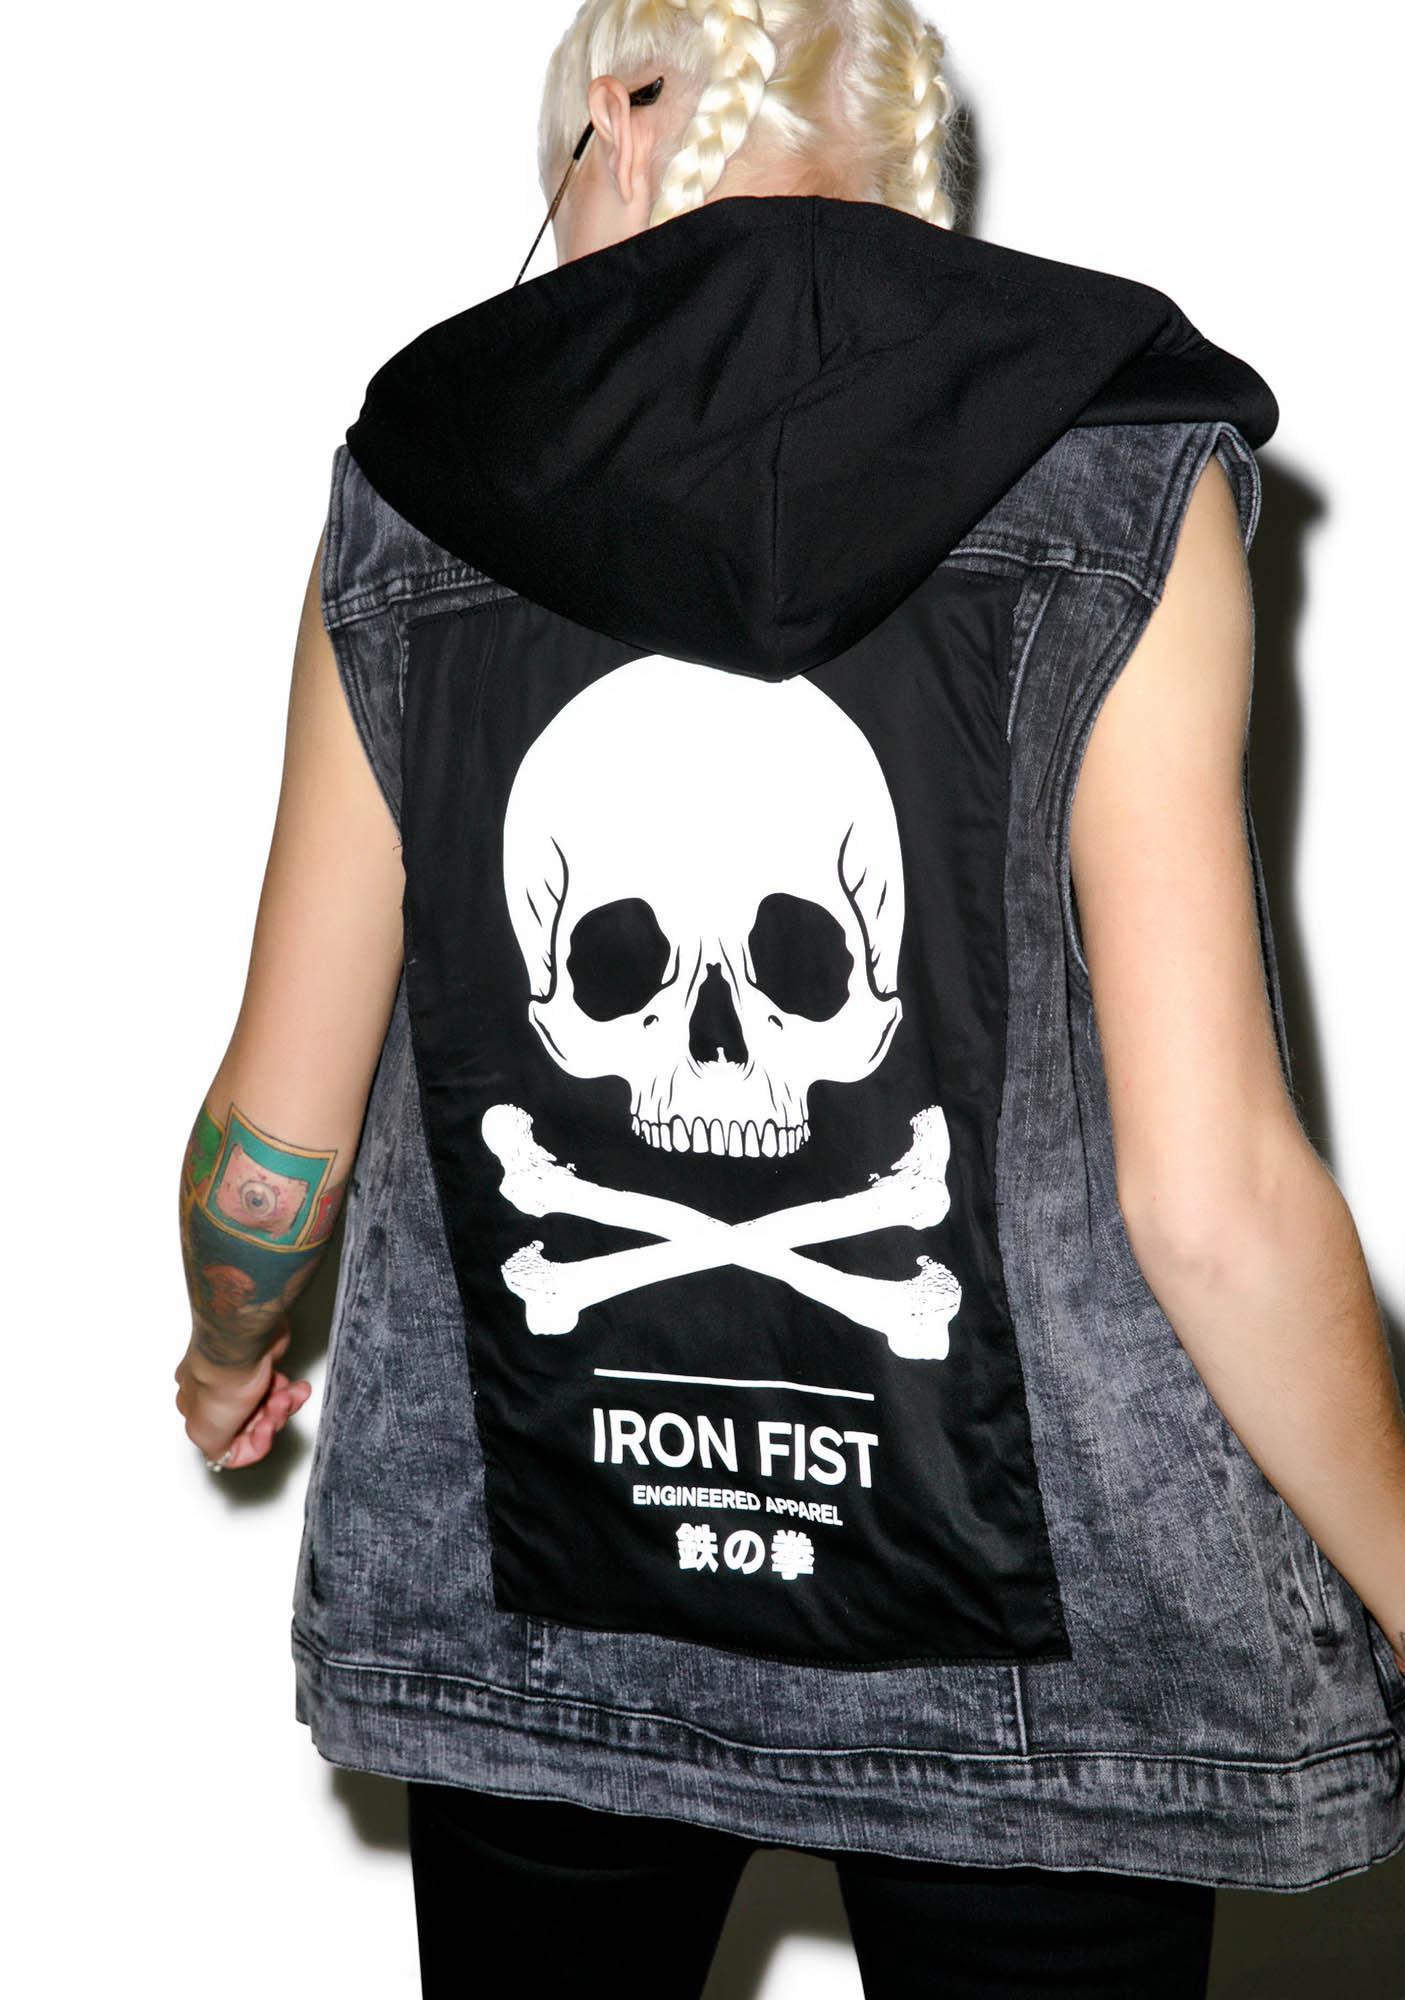 Iron Fist Engineered Sleeveless Trucker Vest